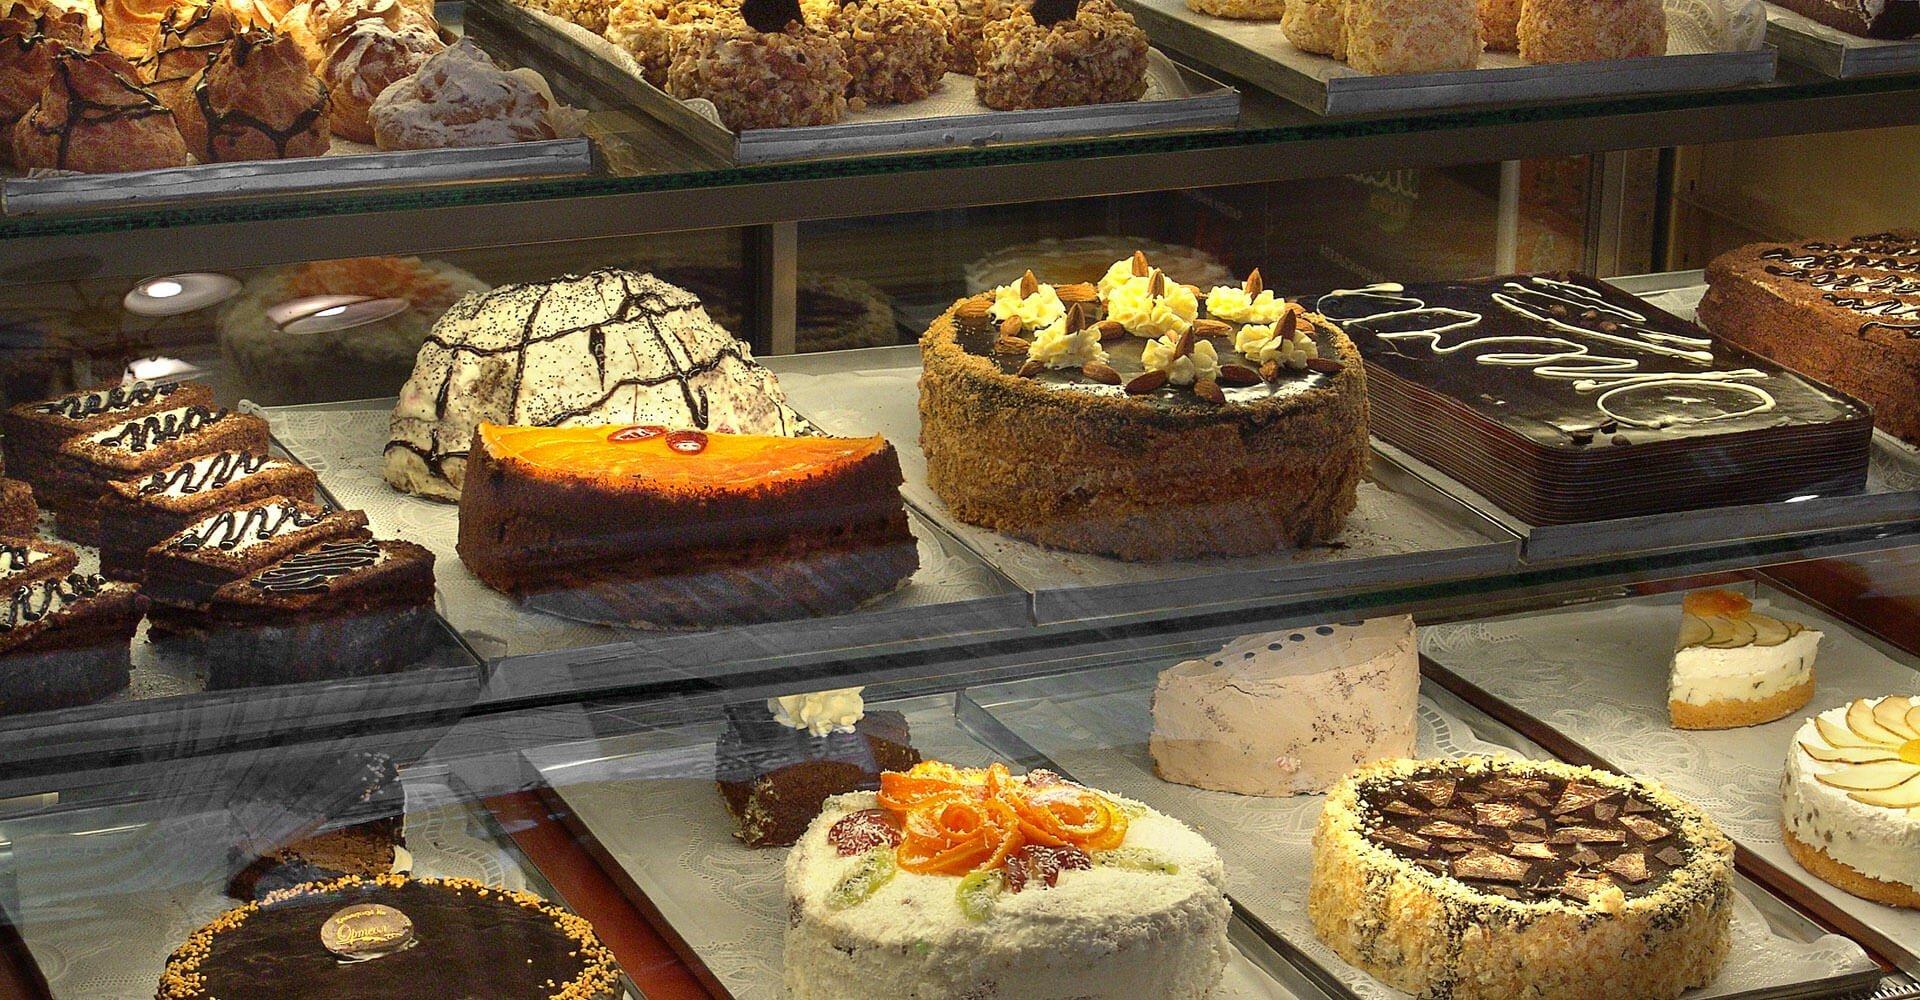 bancone refrigerato con torte